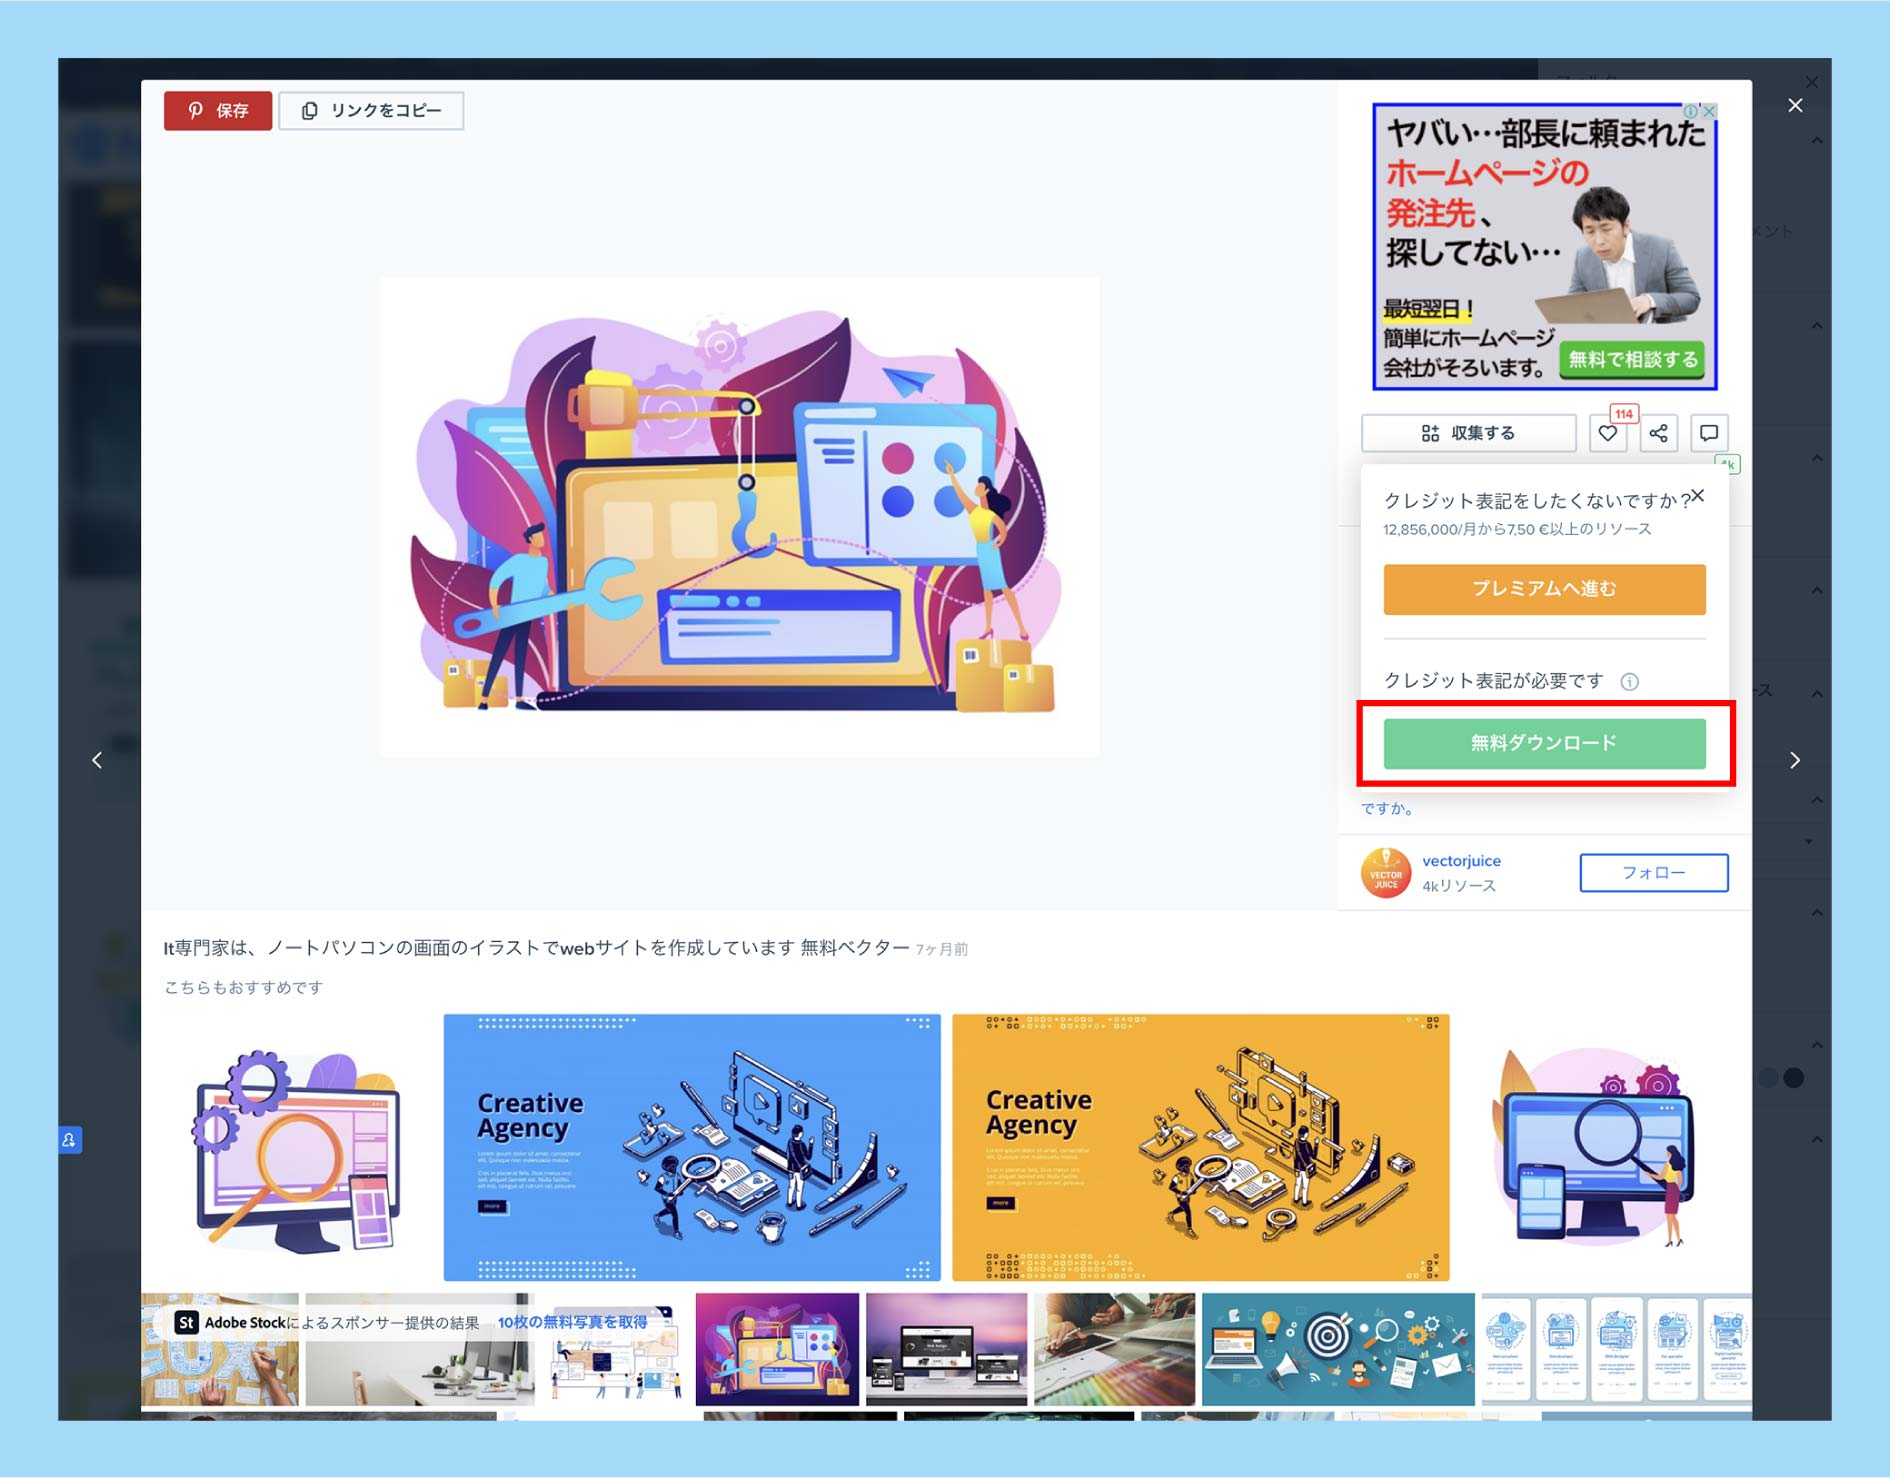 無料でブログに使えるイラストや画像の素材サイト_8